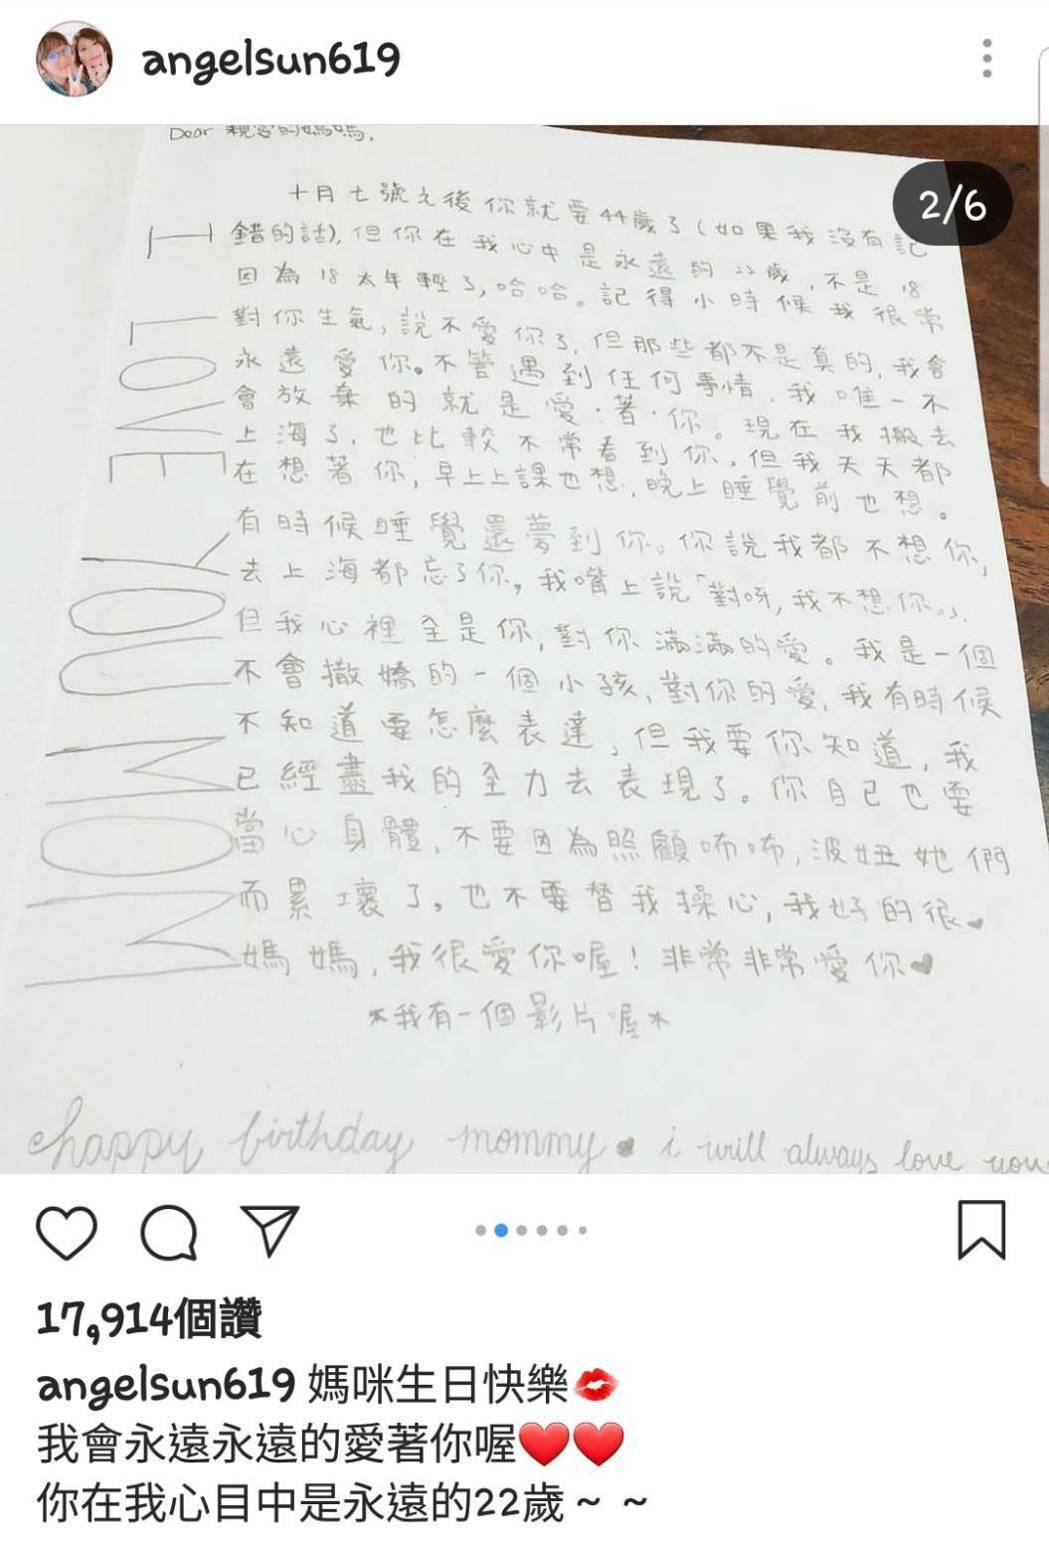 梧桐妹在IG上曝光寫給賈靜雯的卡片內容。圖/截圖自IG